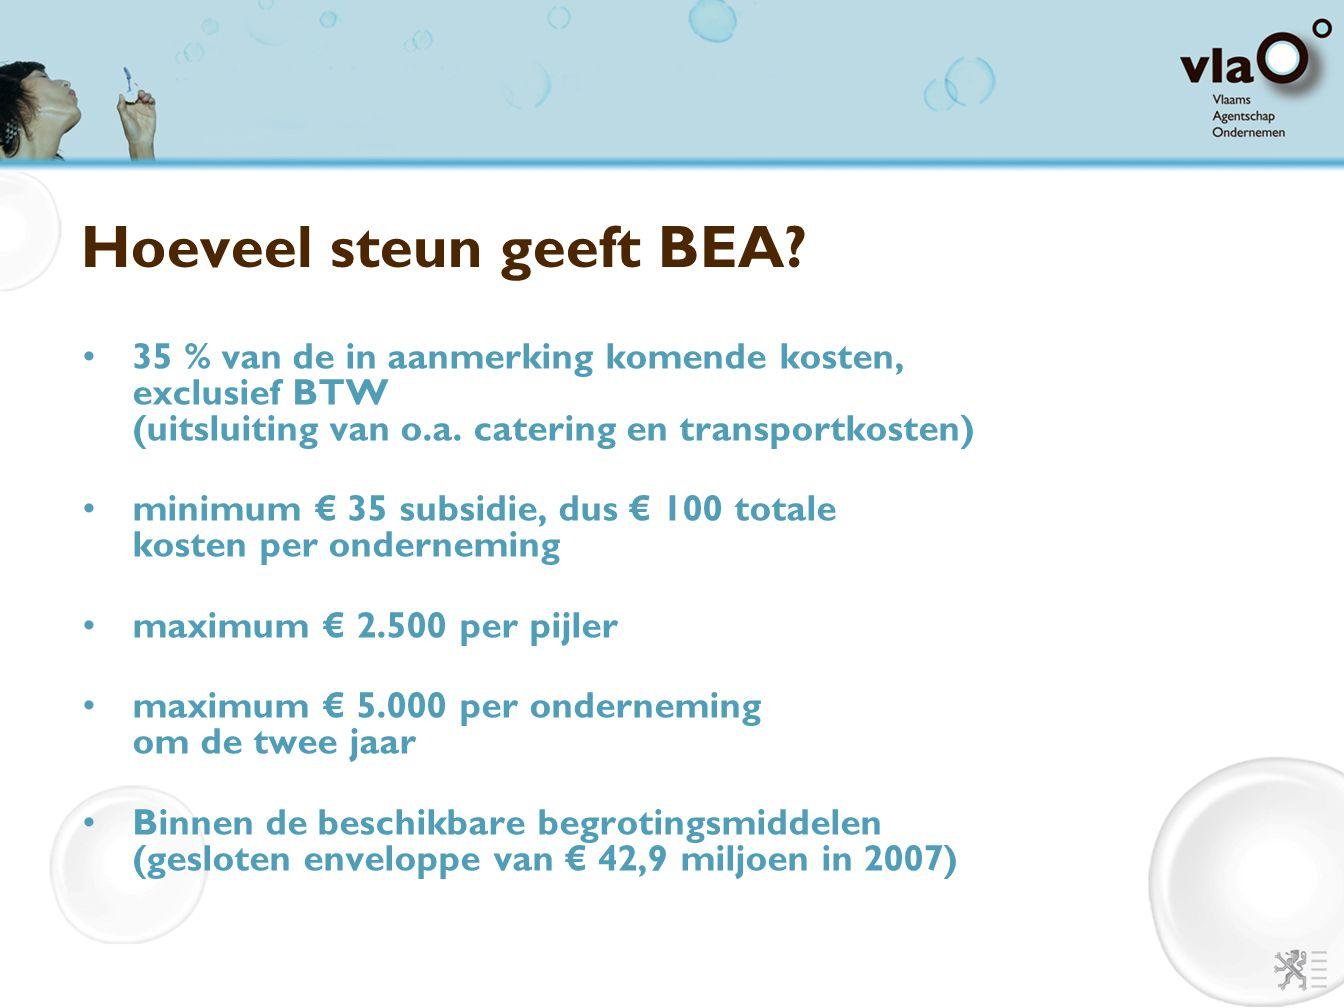 Hoeveel steun geeft BEA? 35 % van de in aanmerking komende kosten, exclusief BTW (uitsluiting van o.a. catering en transportkosten) minimum € 35 subsi